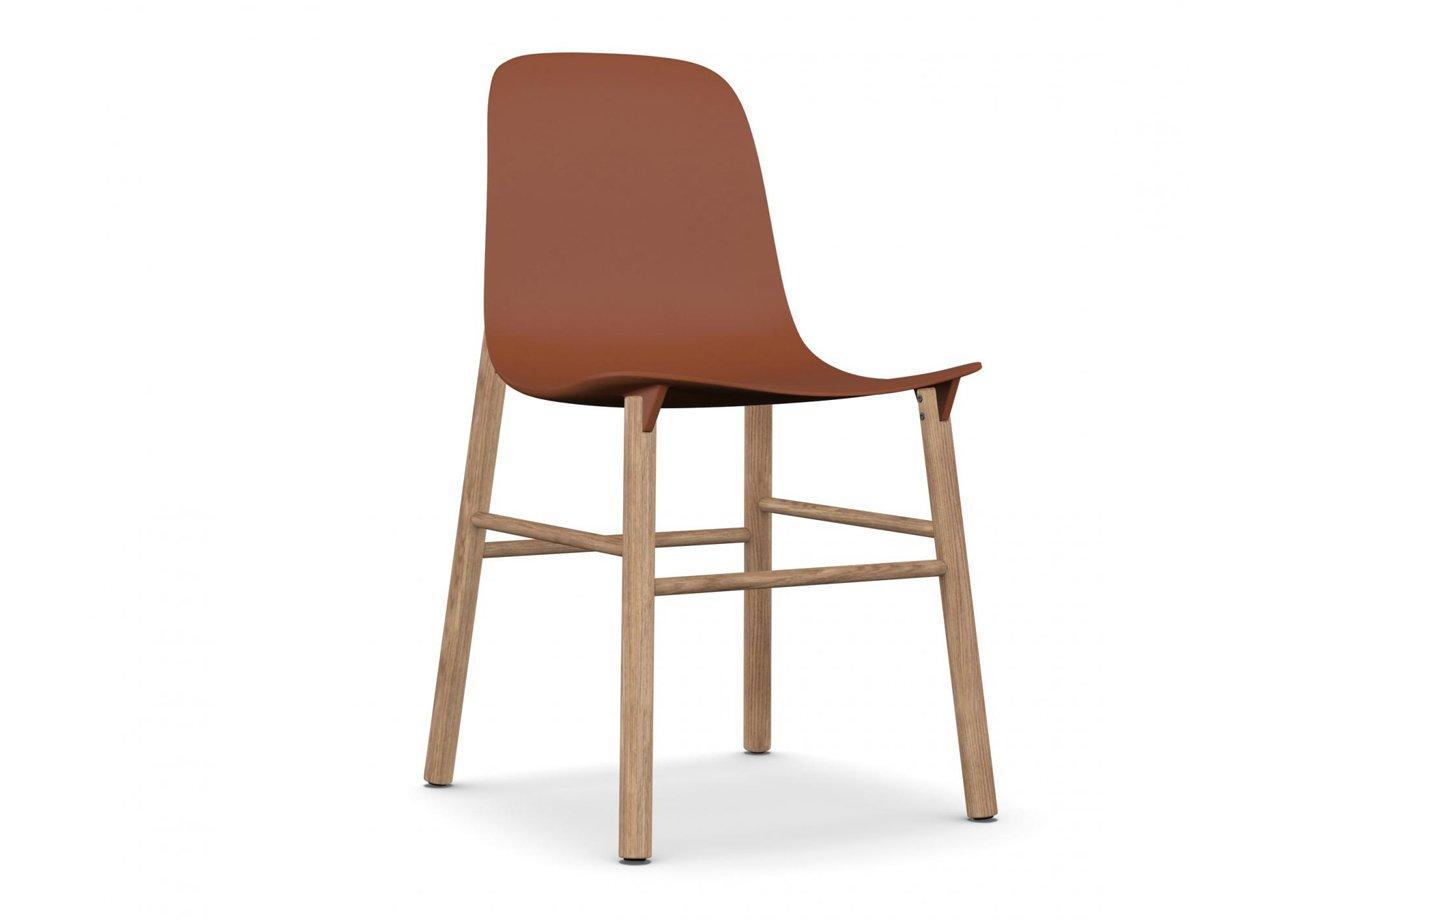 Sharky lounge chair – orange